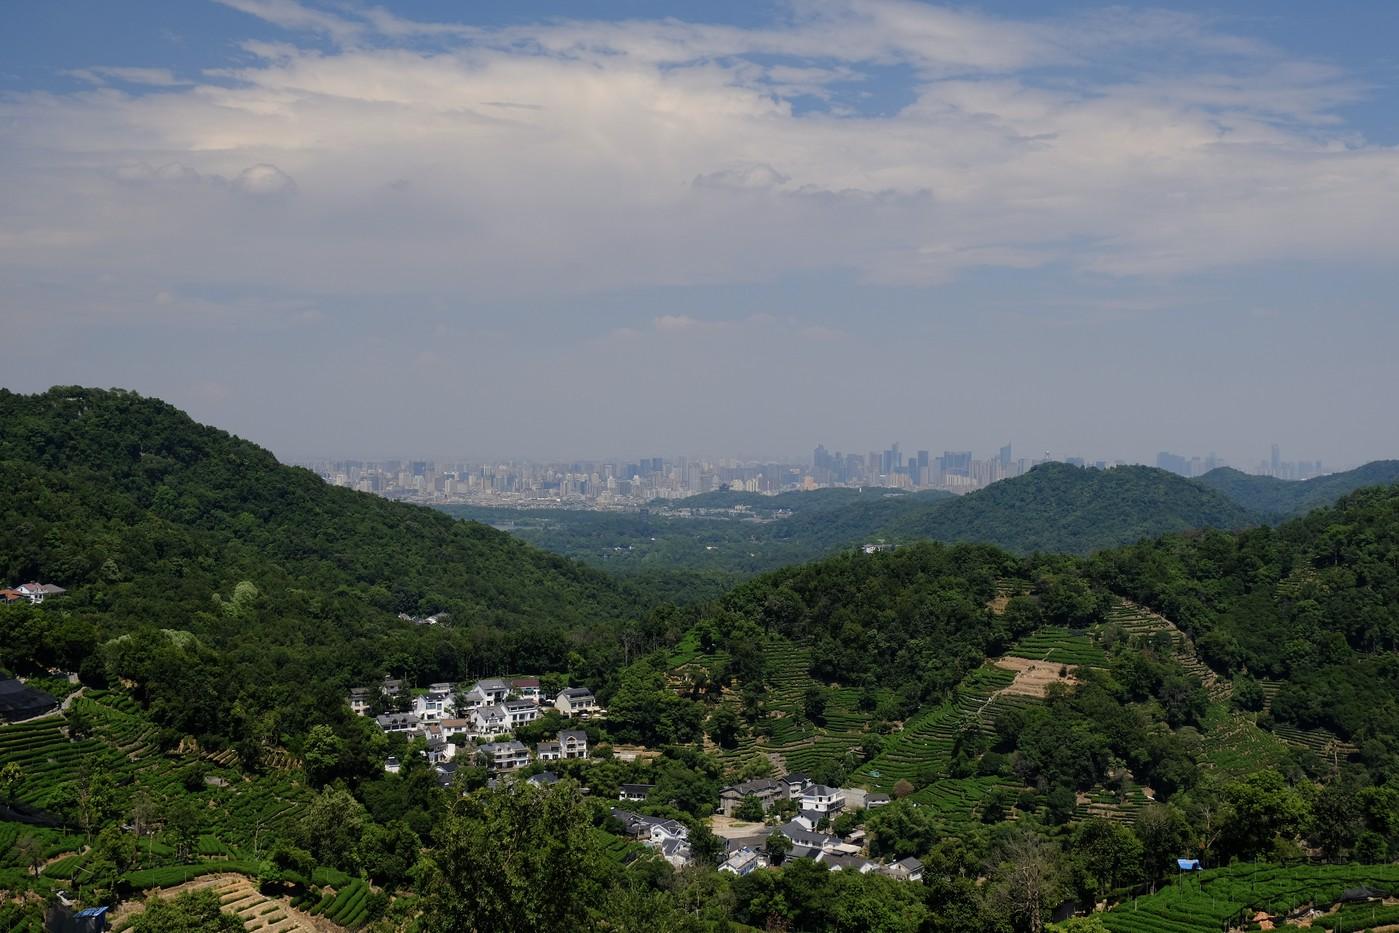 Вернулся в Ханчжоу, предупредил об увольнении, наивно думал, что смогу и нормально работать, и проходить интервью, и оформлять бумажки, и переезжать в Шанхай (мы жили на два города, 200 км, час на быстрой электричке от Шанхая до Ханчжоу).